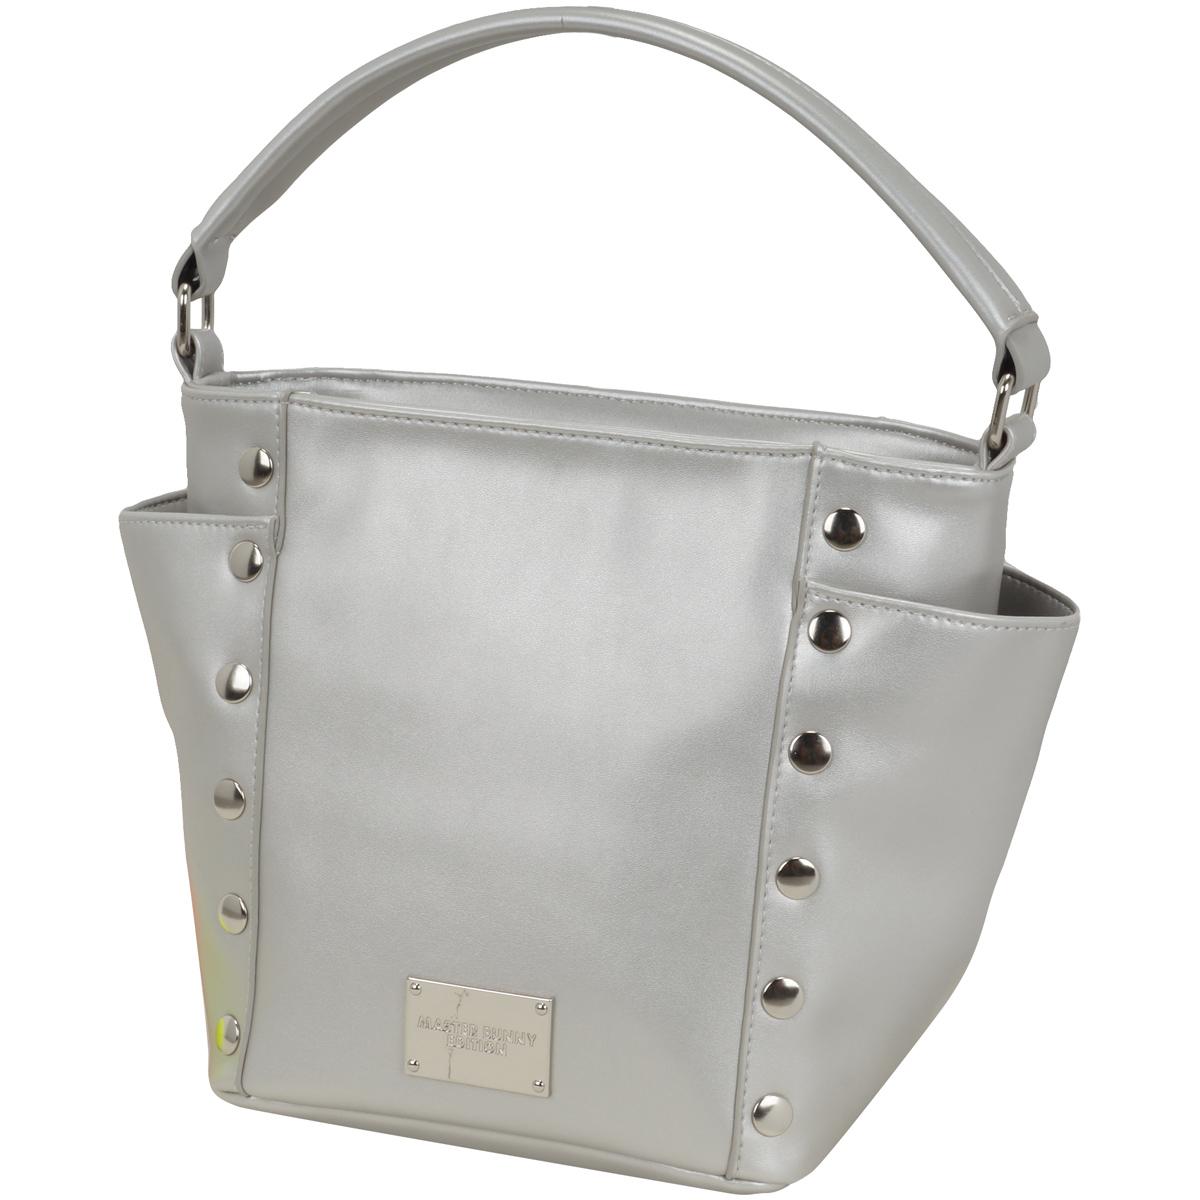 バケツ型カートバッグ